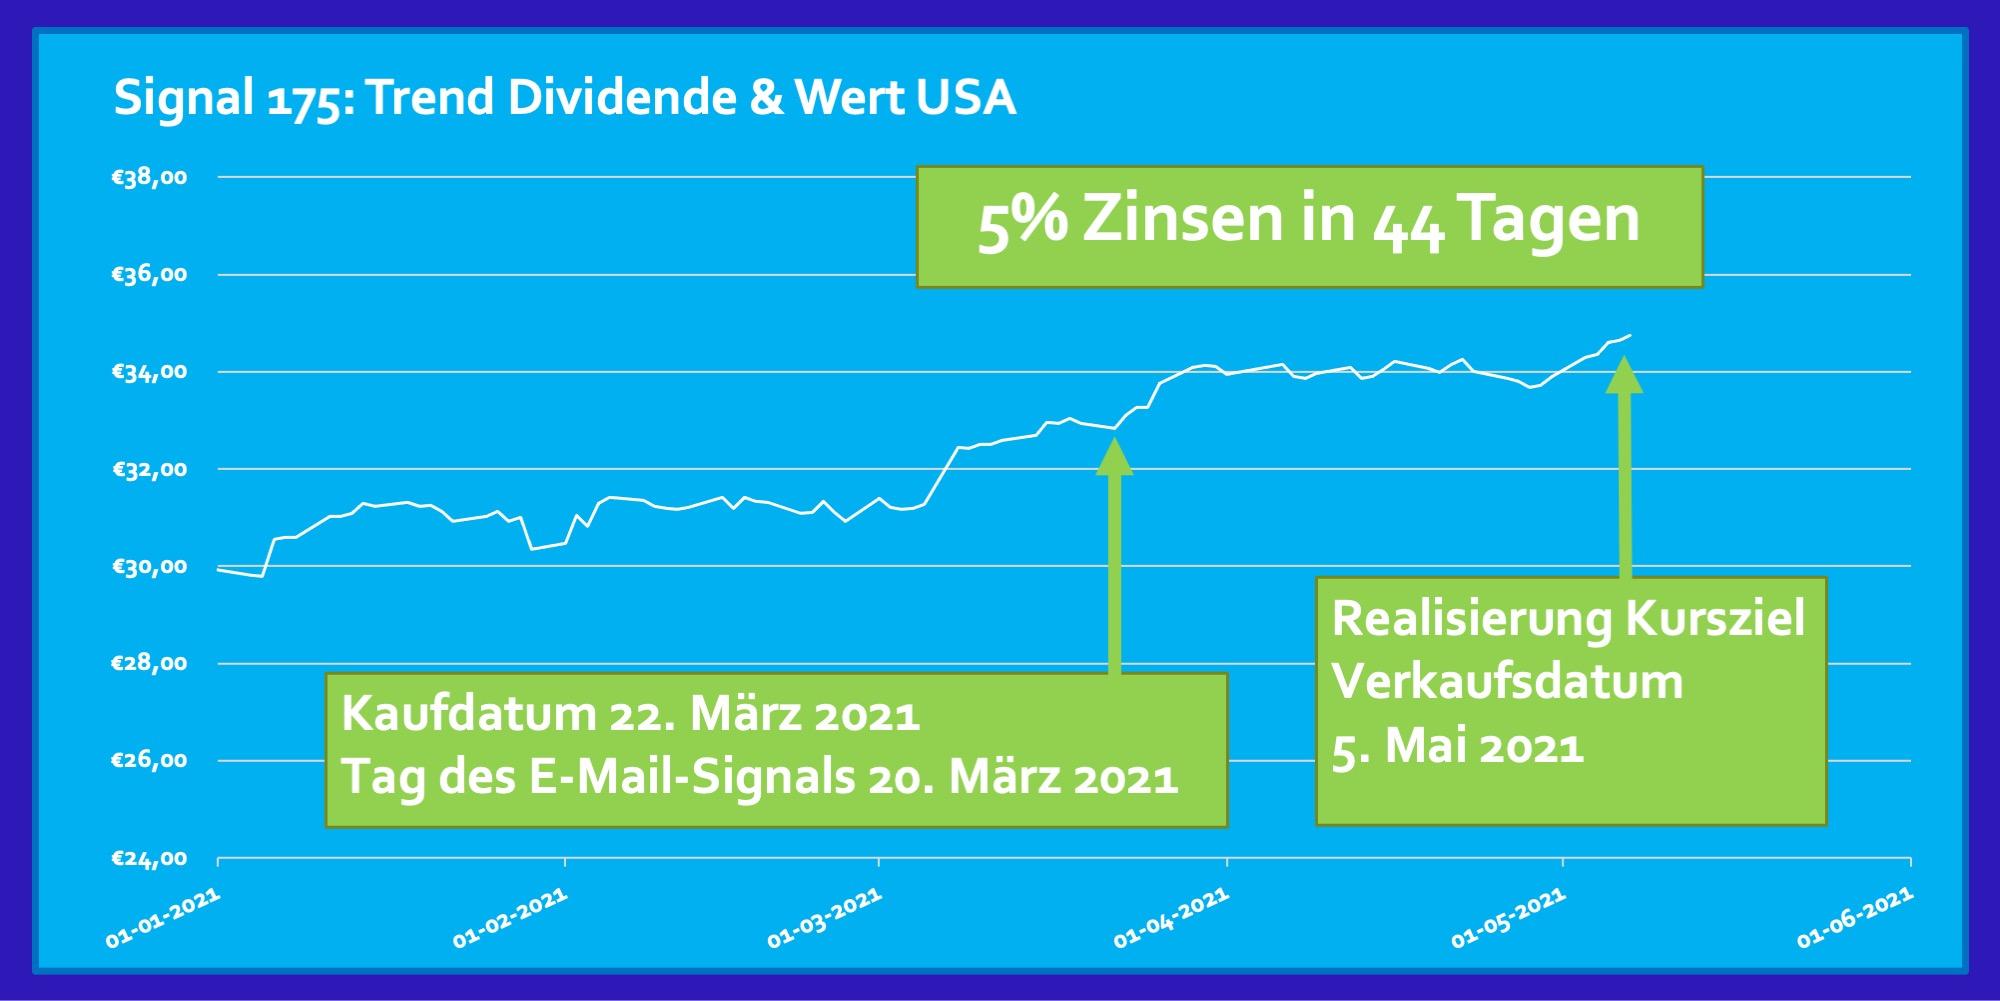 Signal 175 Marz 2021 ETF Dividende Wert USA 5 Prozent Zinsen Rendite in 44 Tagen